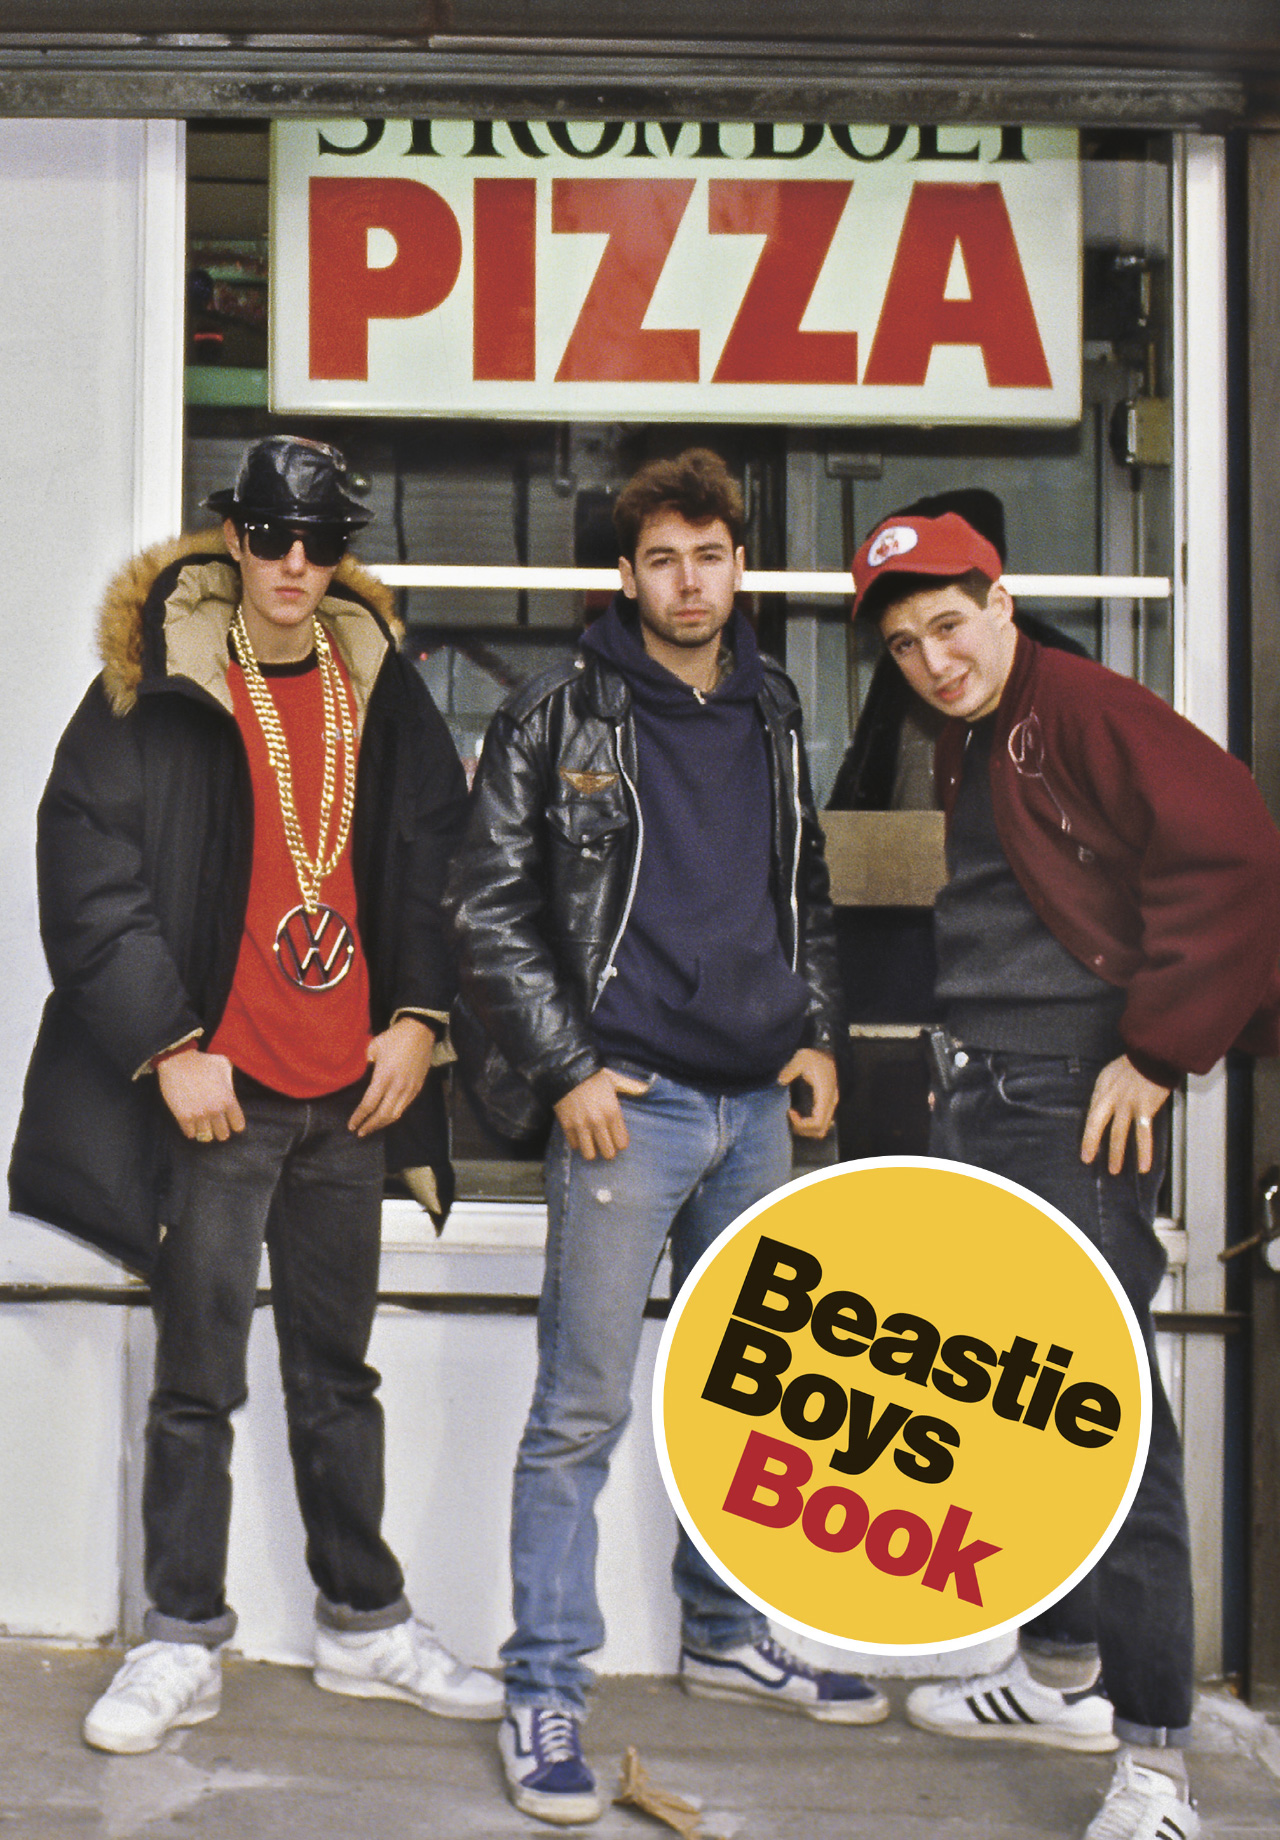 Beasty Boys Buch